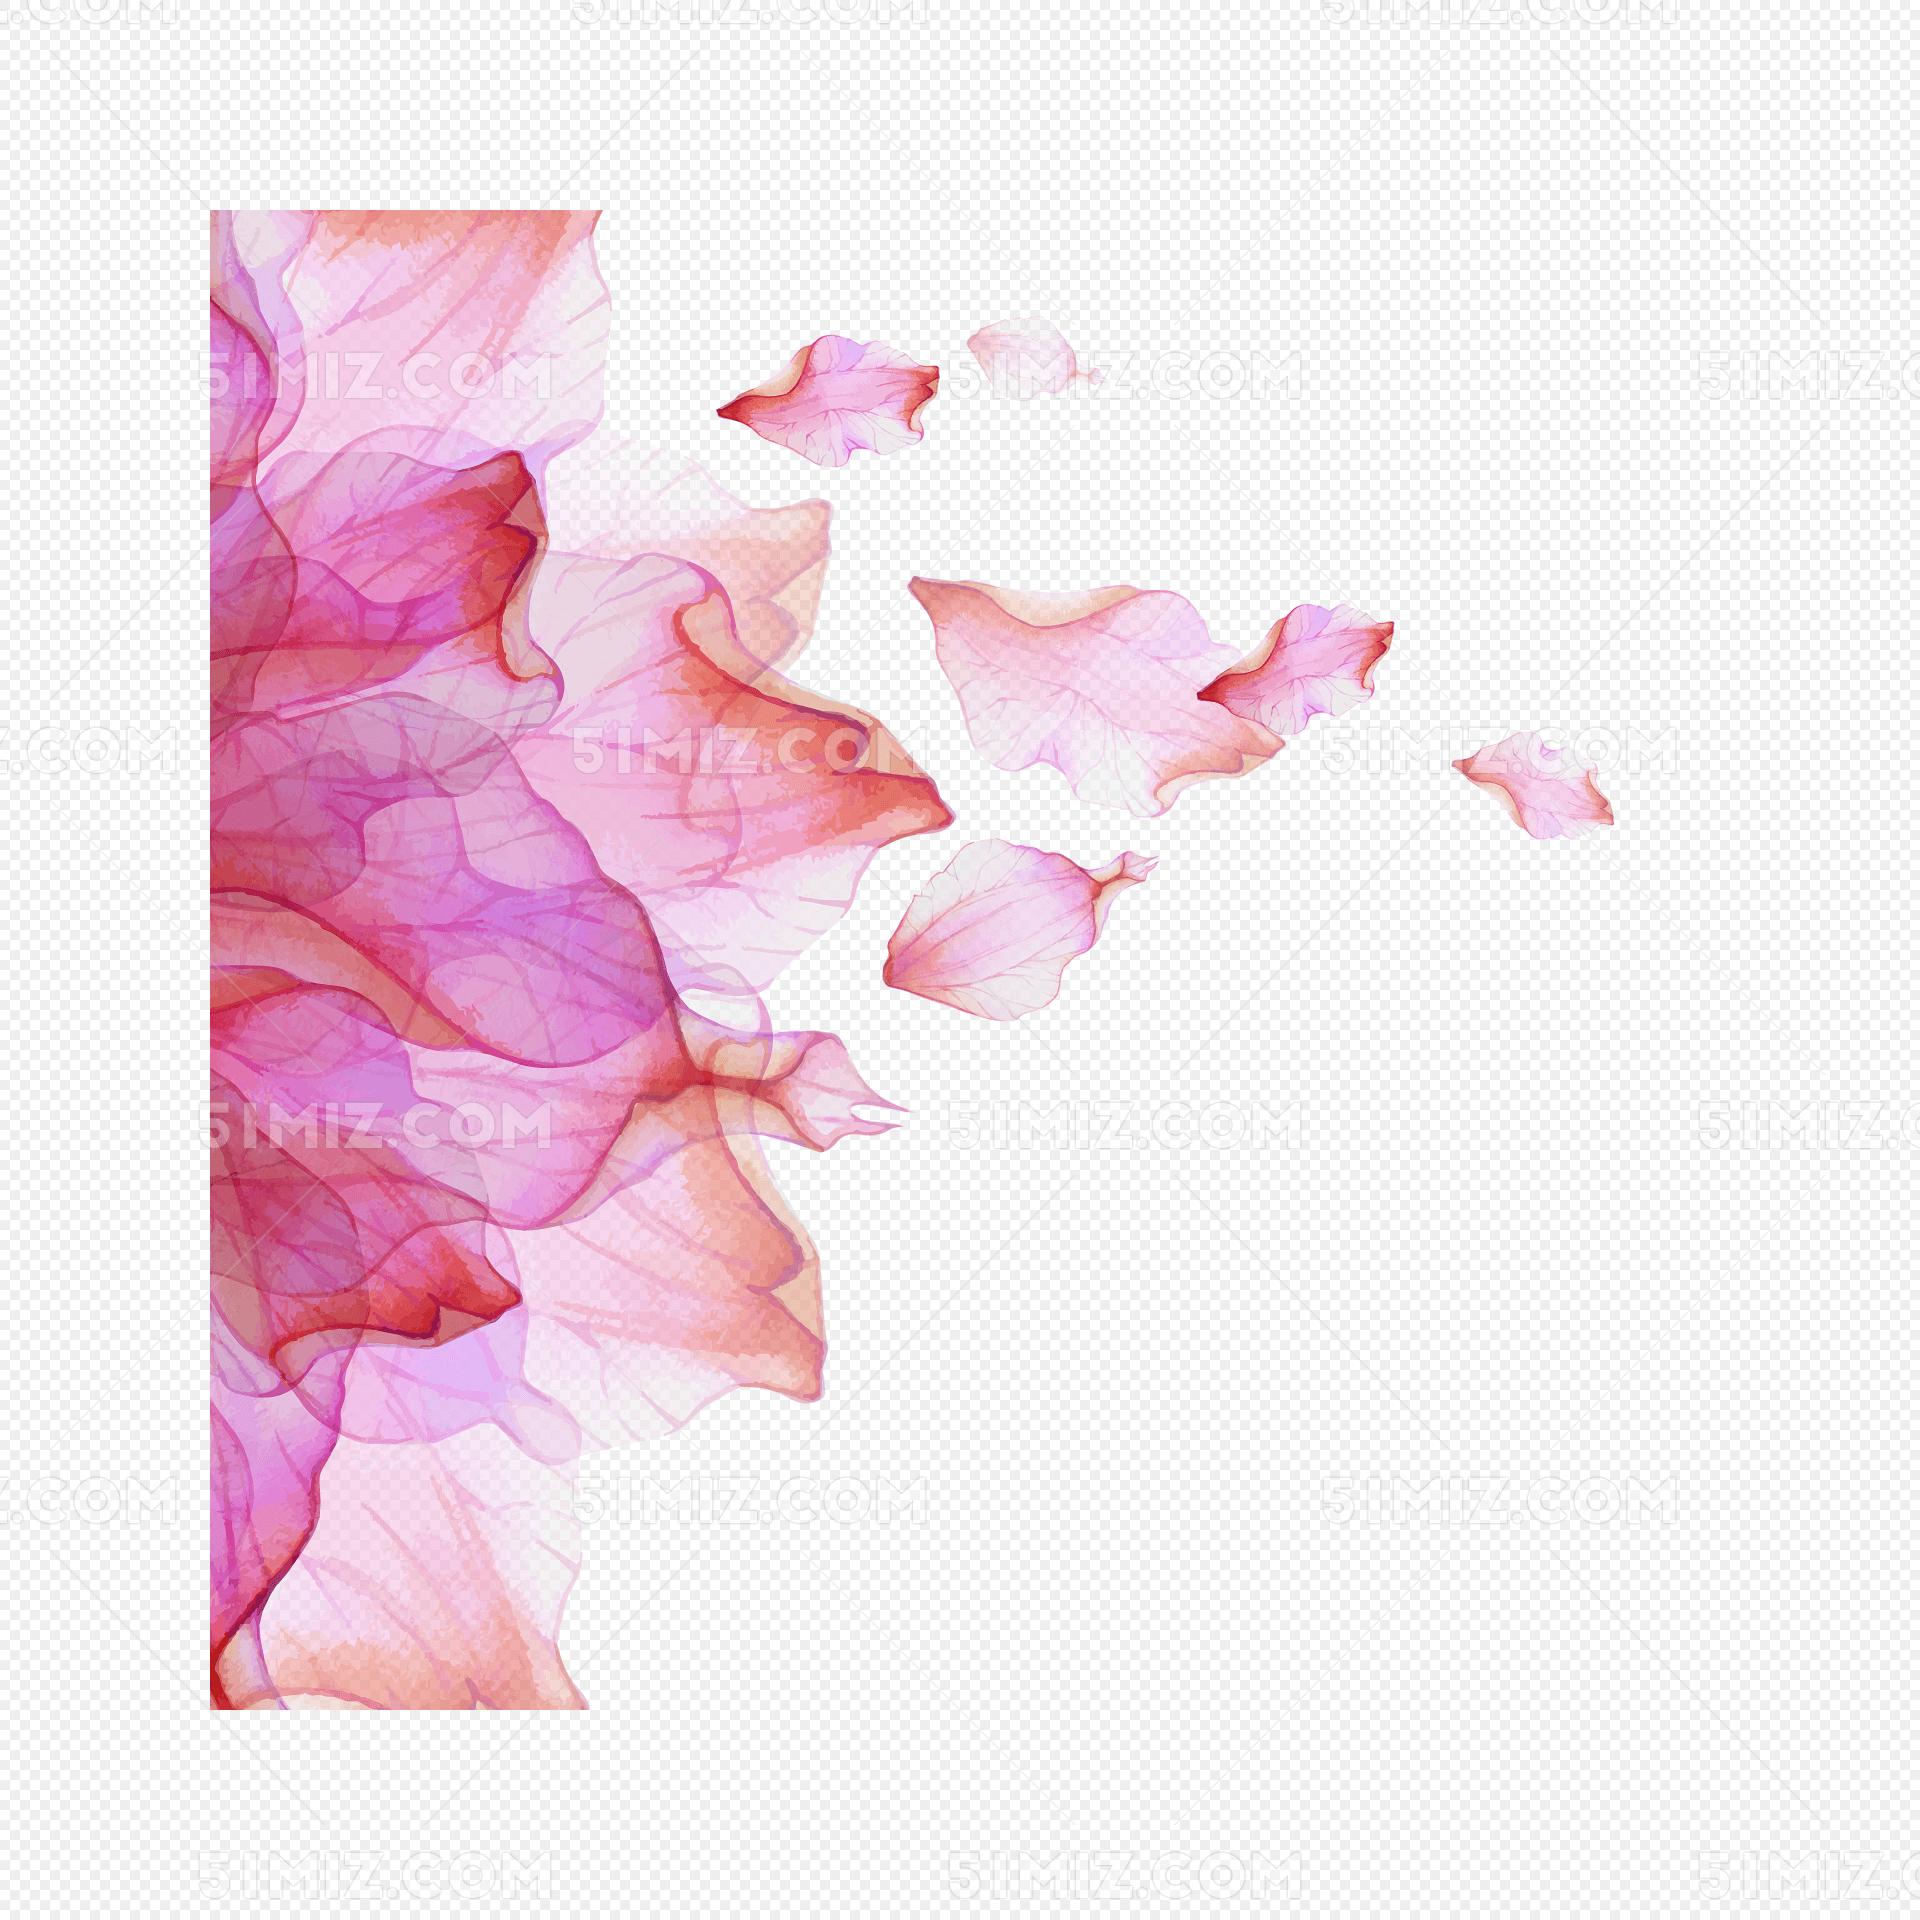 水彩绘动感花瓣背景矢量图免费下载_png素材_觅知网